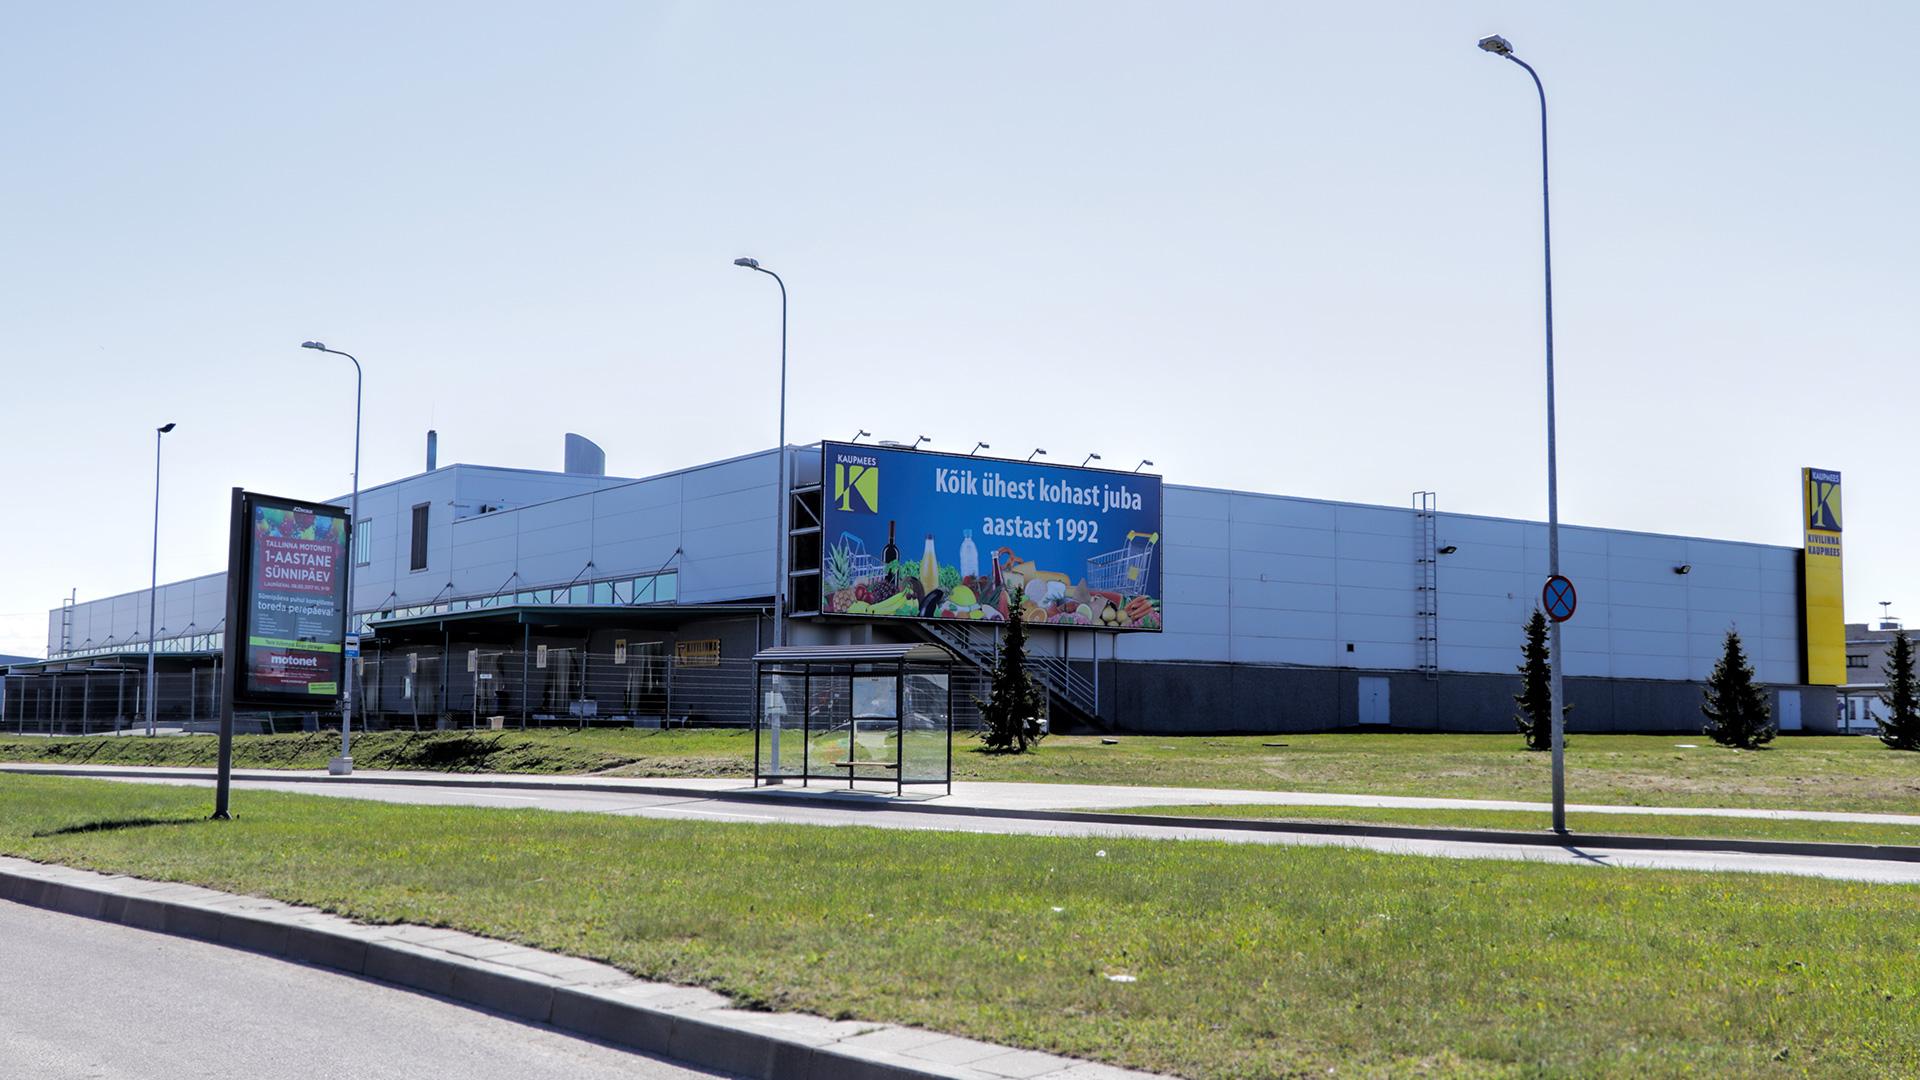 Kivilinna Kaupmees Vesse 1, Tallinn